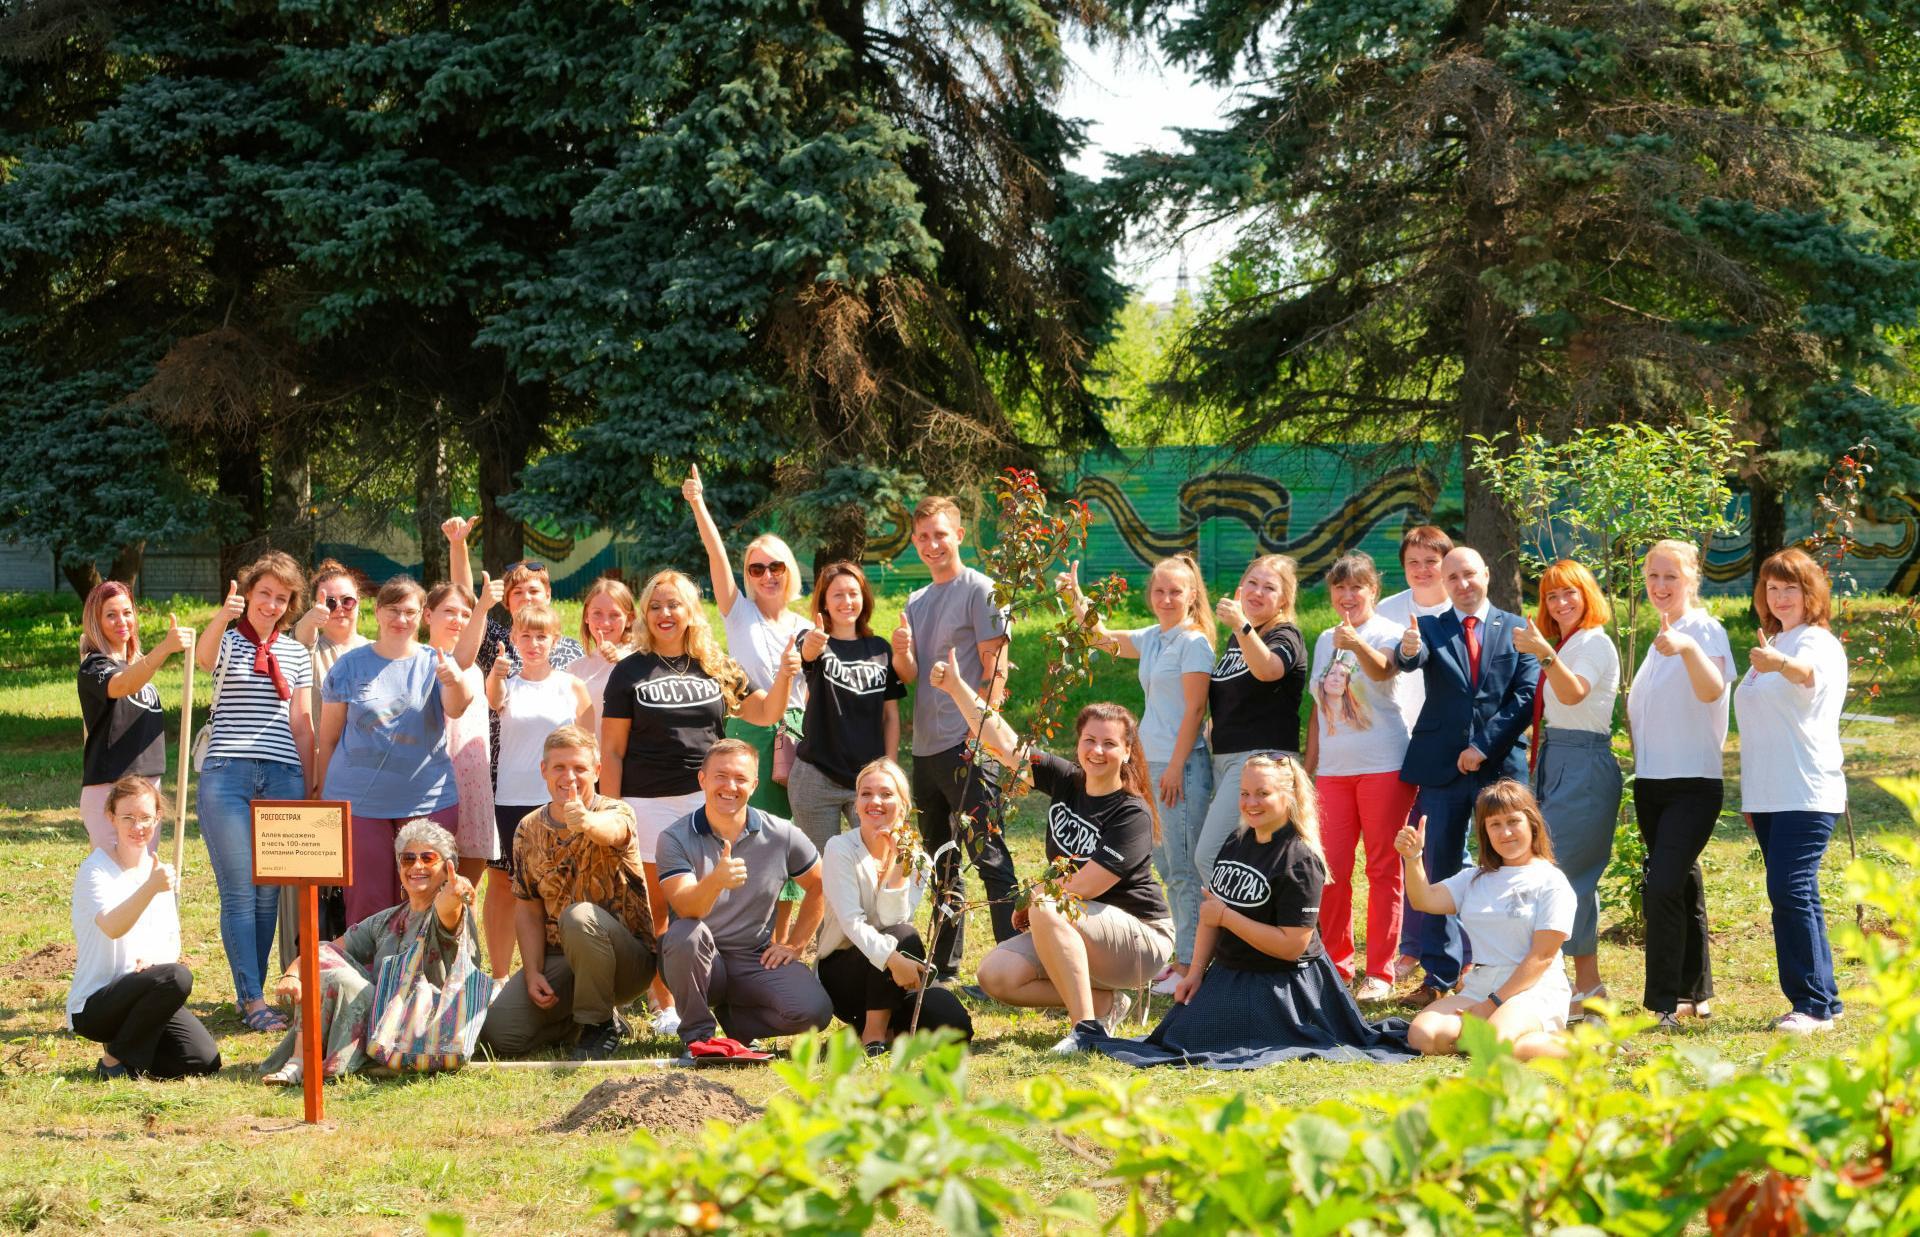 К 100-летию «Росгосстраха» сотрудники компании высадили яблоневый сад в парке Победы в Твери